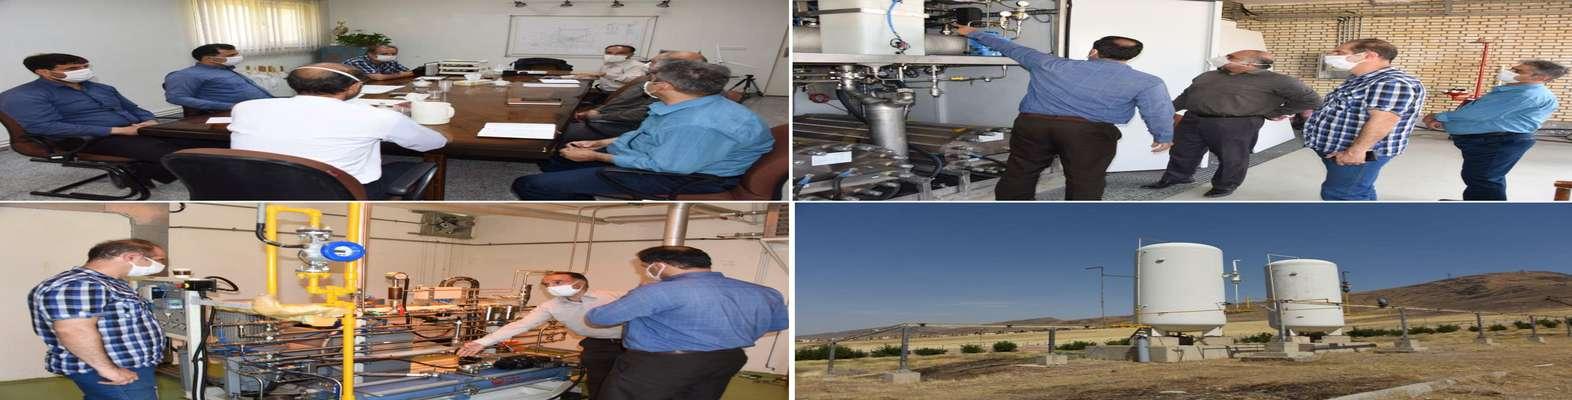 با تلاش متخصصان نیروگاه شهید رجایی در حال انجام است؛  آماده سازی سیستم تولید هیدروژن سایت انرژی های تجدید پذیر طالقان